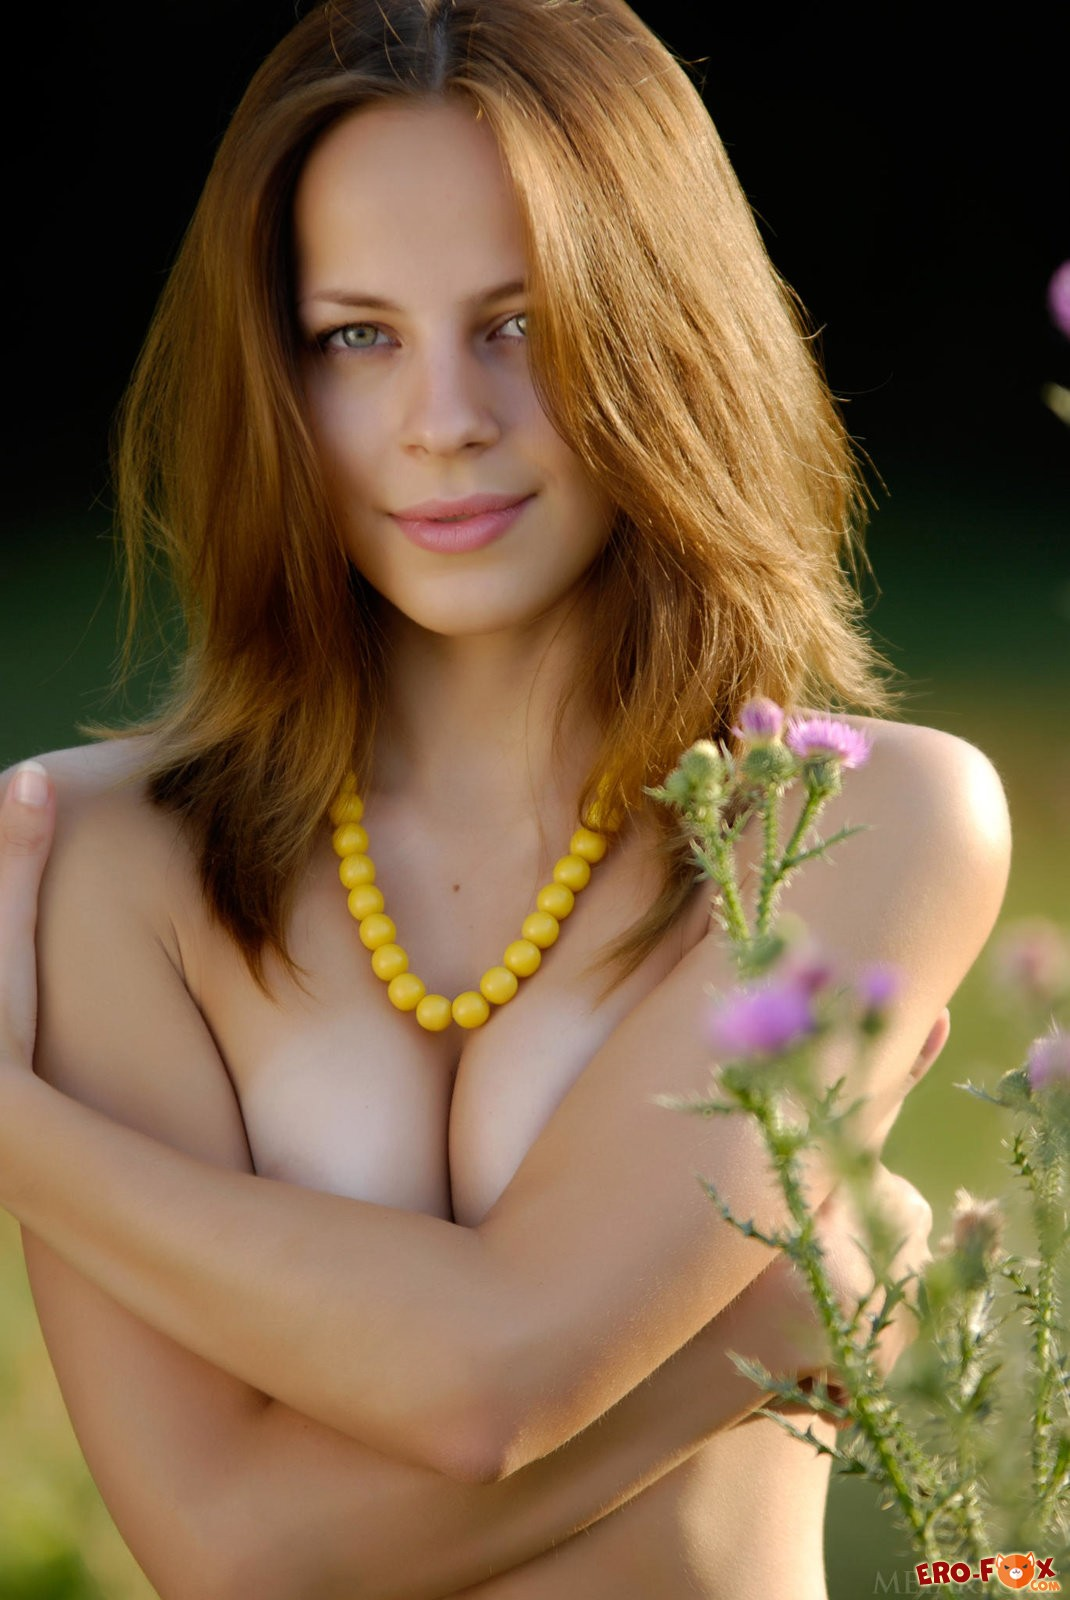 Деревенское ню фото русской девушки - ню фото эротика.